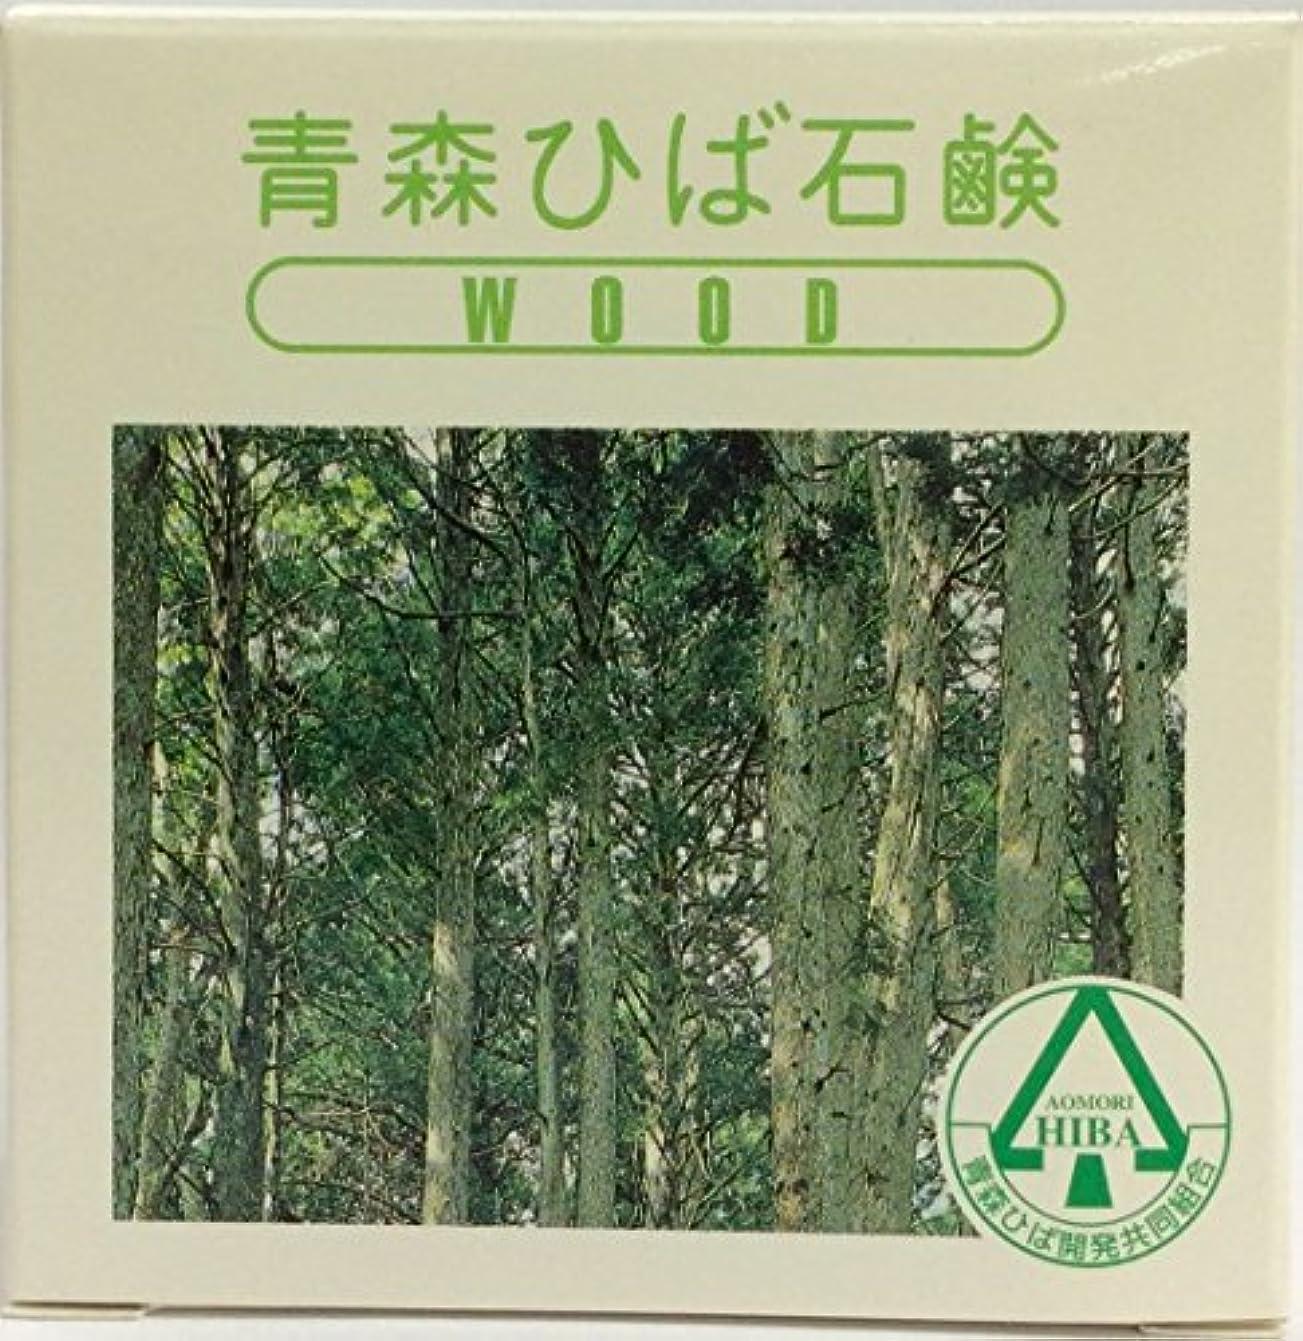 先生口頭パラナ川青森ひば石鹸 WOOD 95g クラウンウッド(Y)